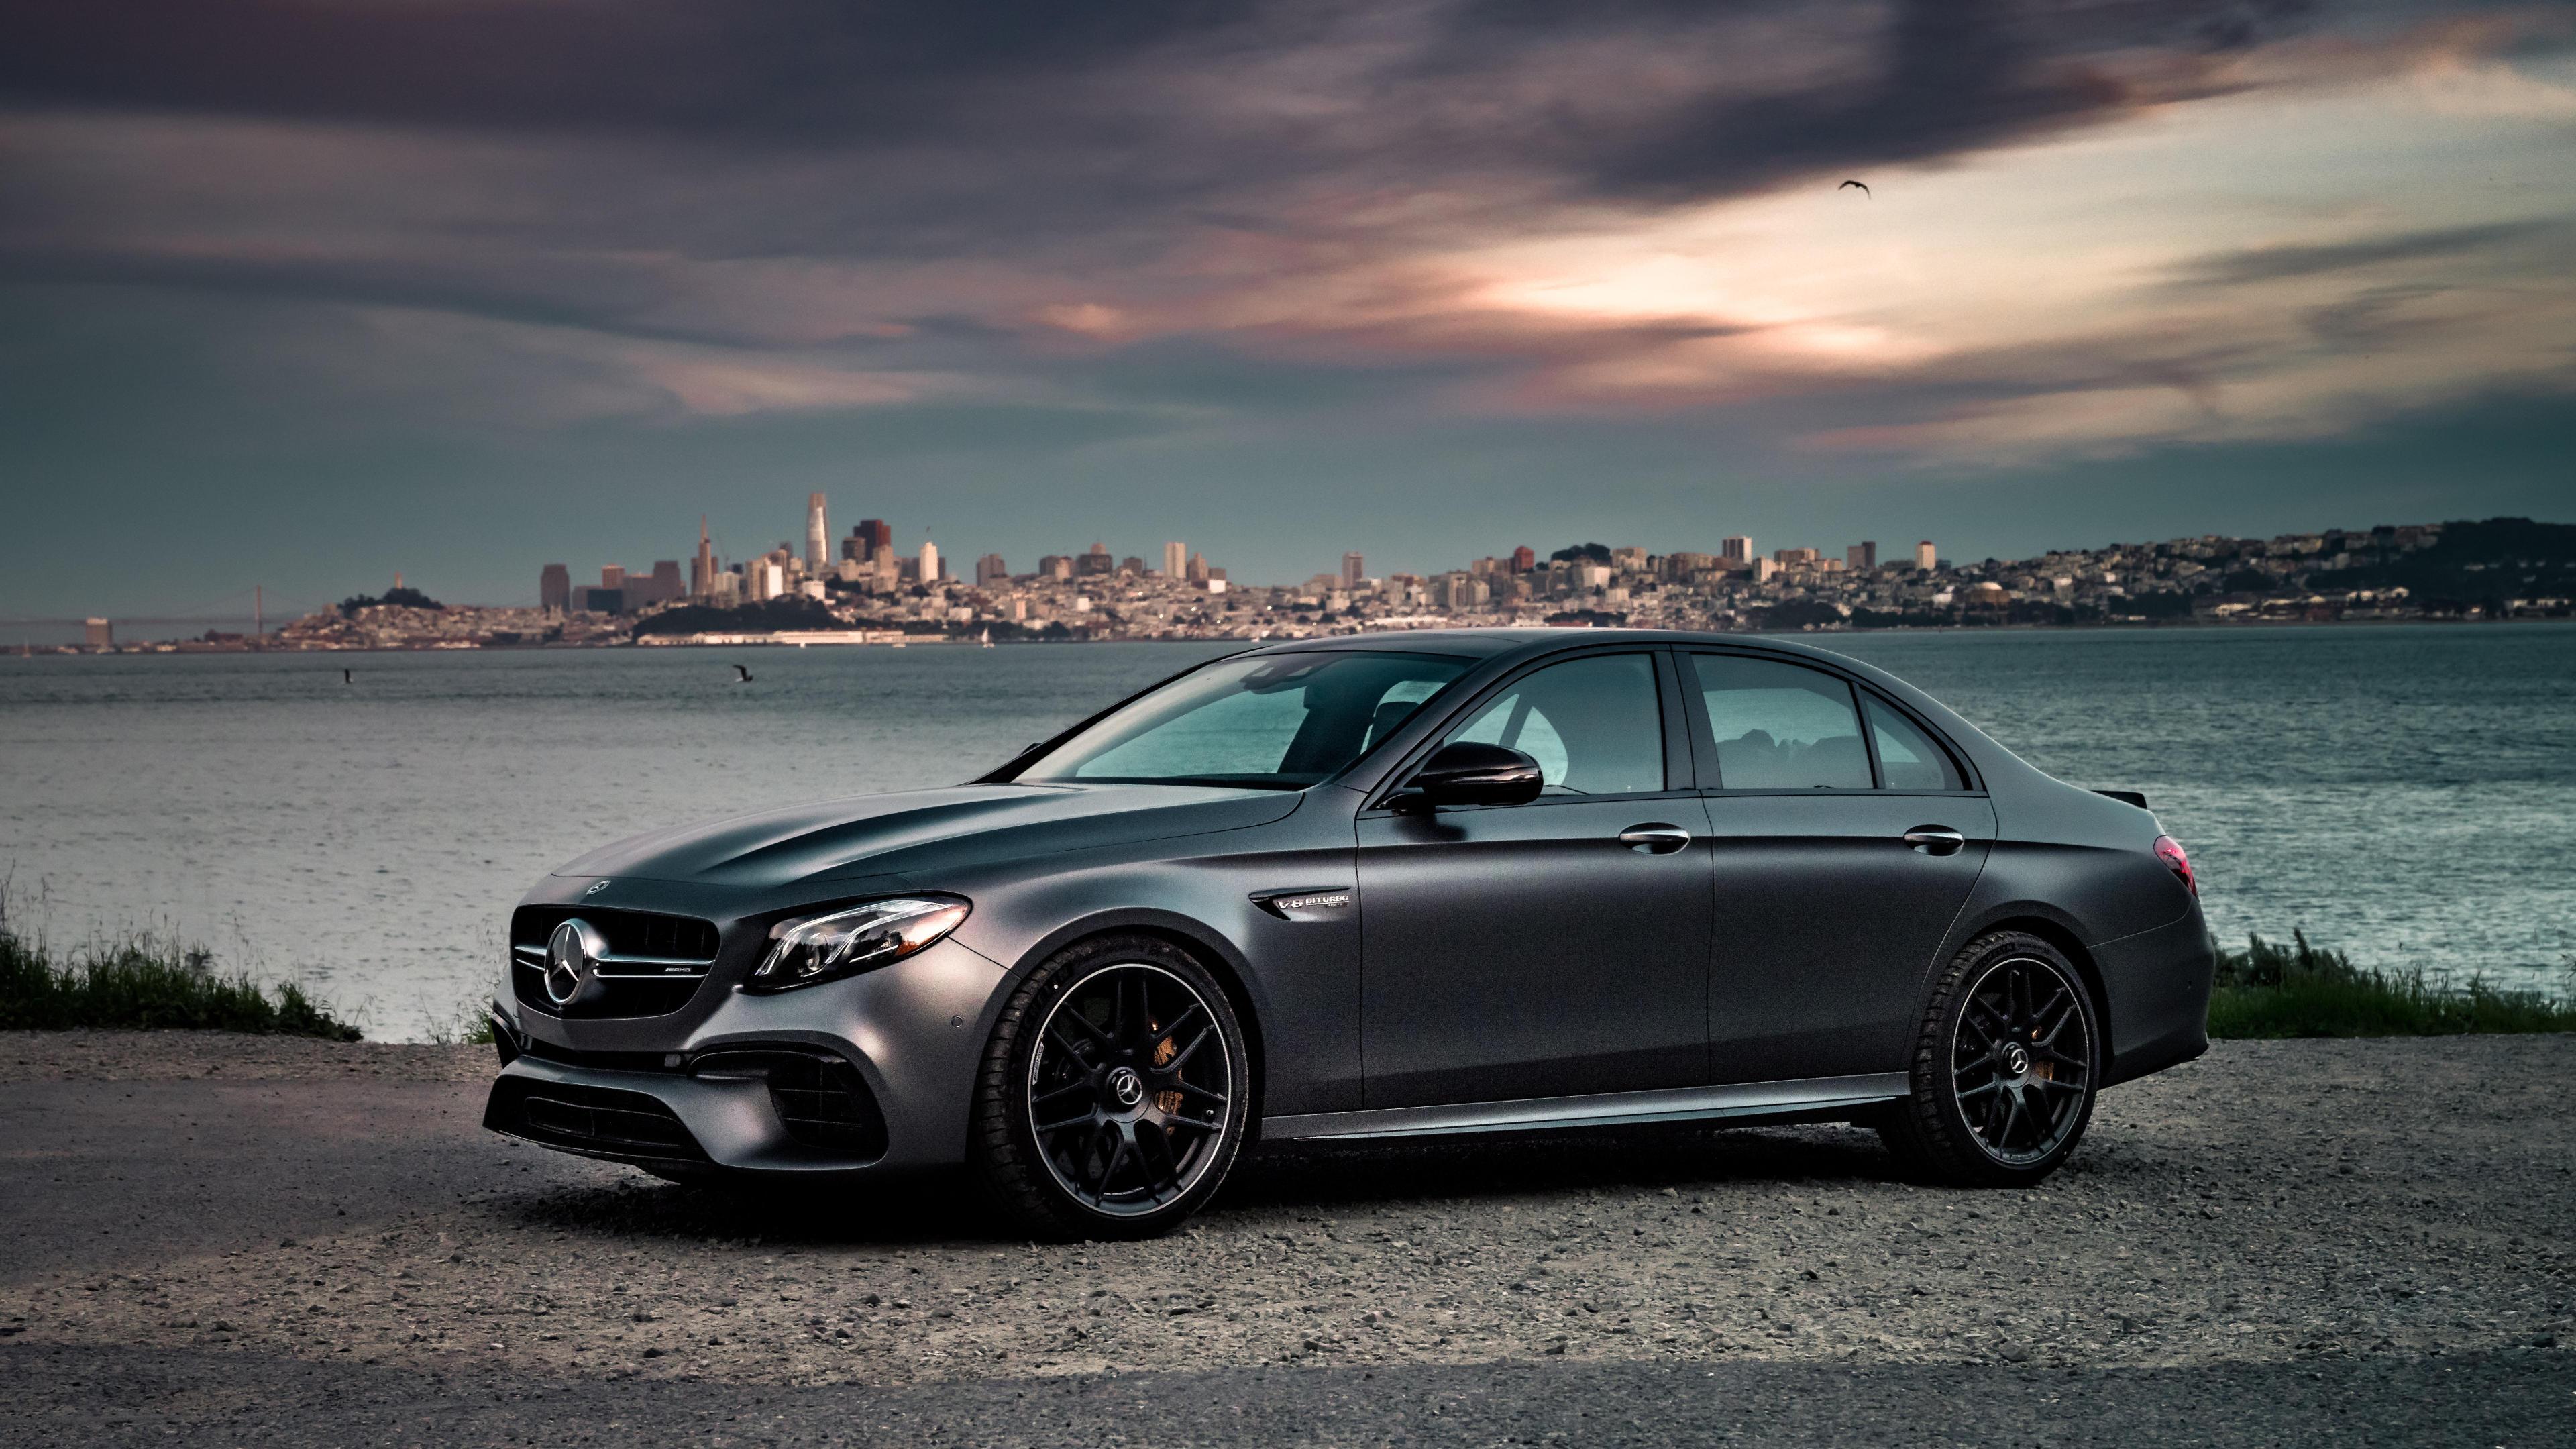 Mercedes Benz E63s Amg - 3840x2160 - Download HD Wallpaper ...